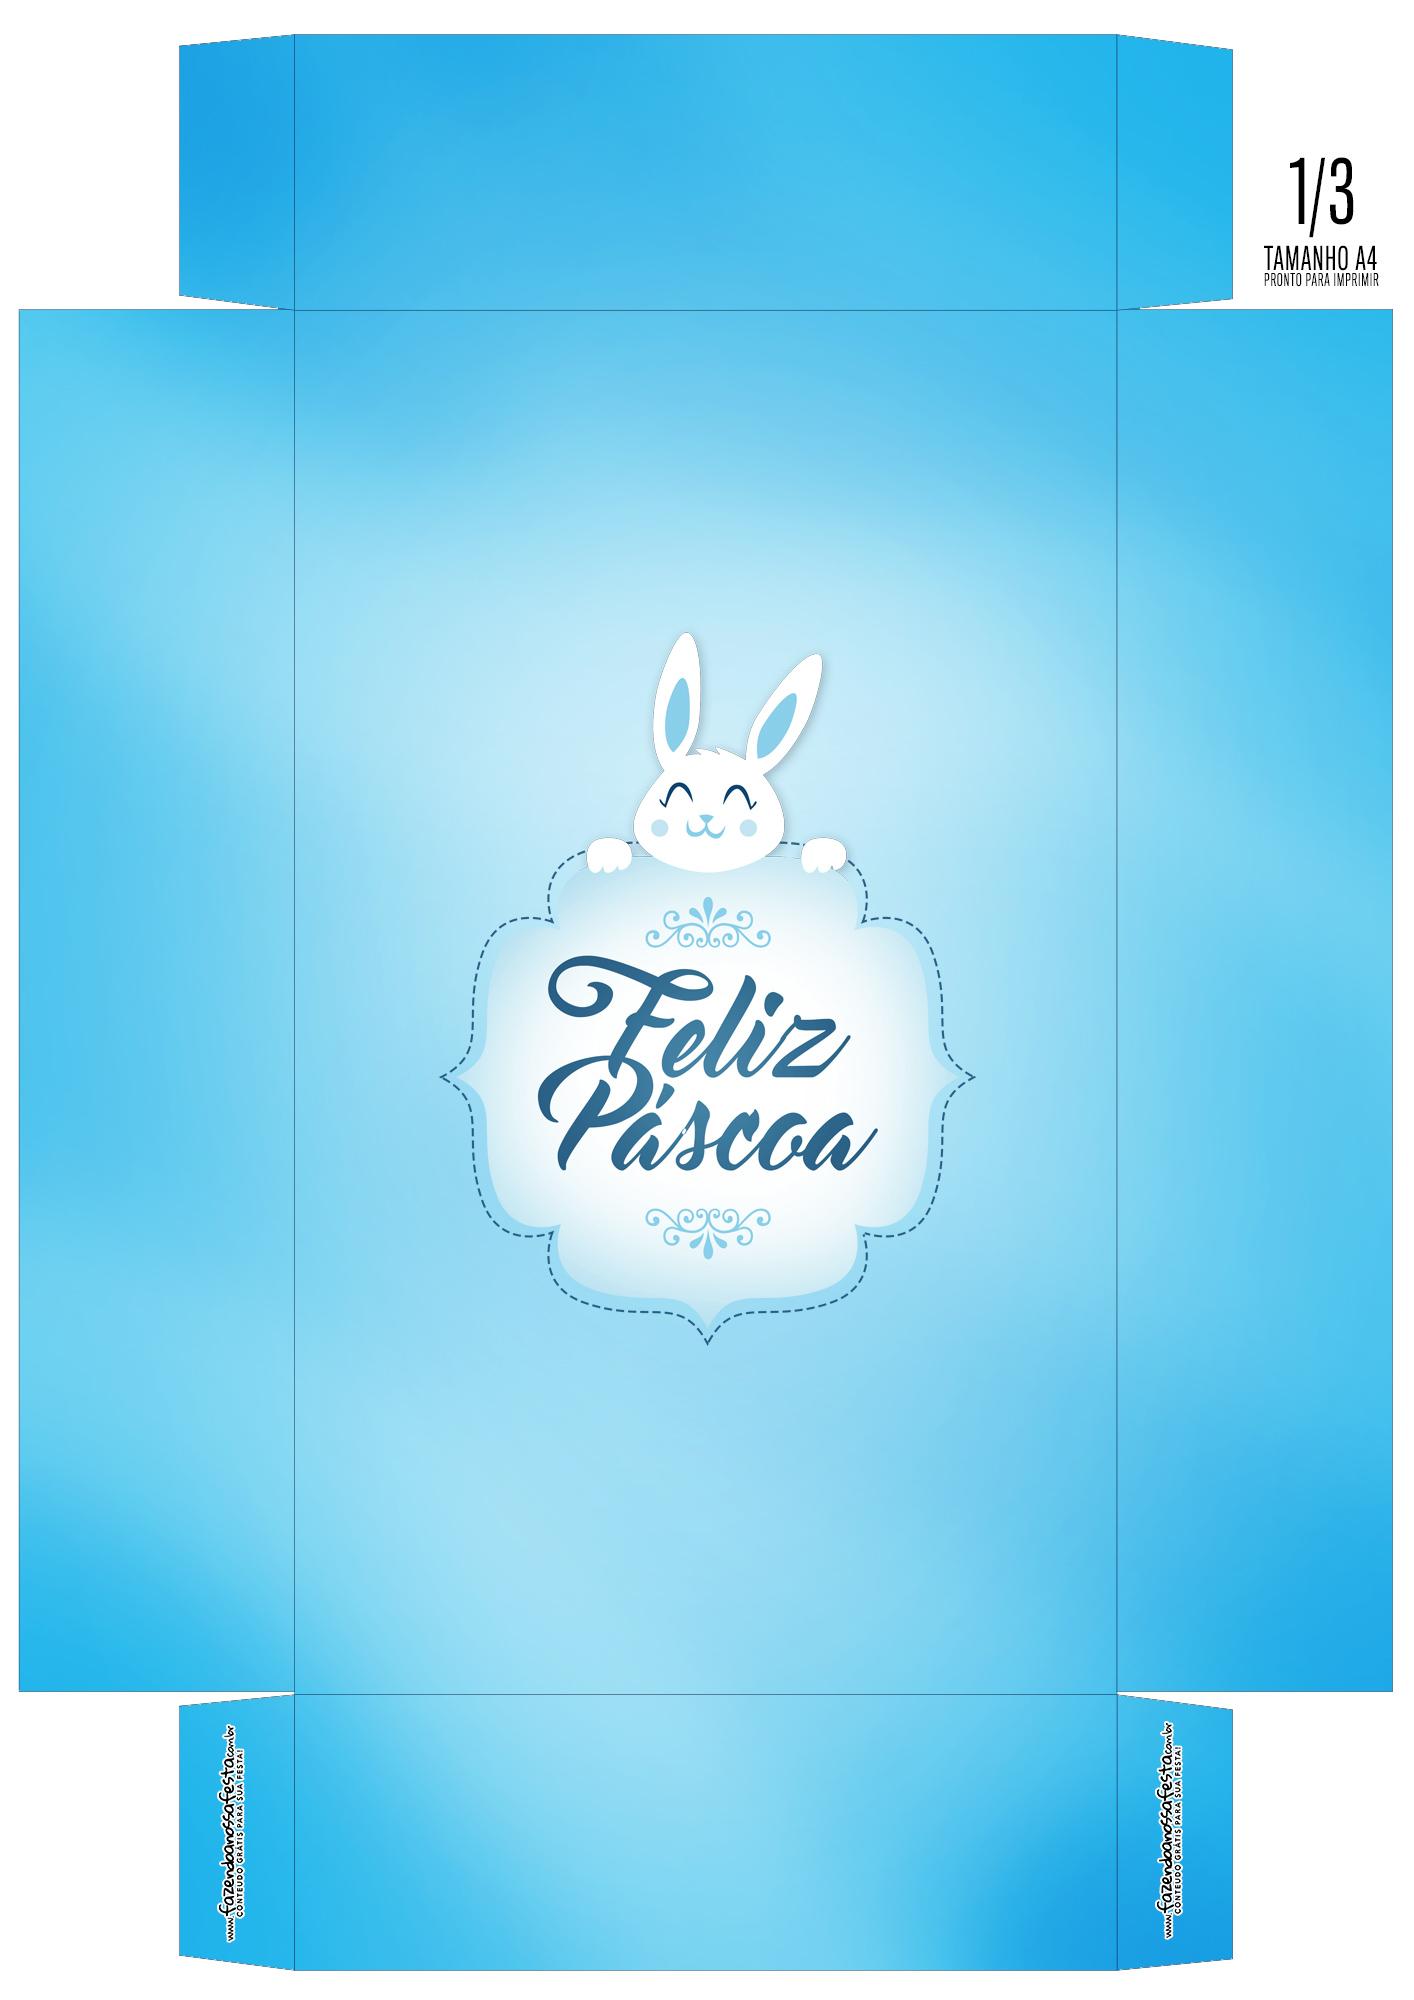 Caixa Ovo de Pascoa 12-2